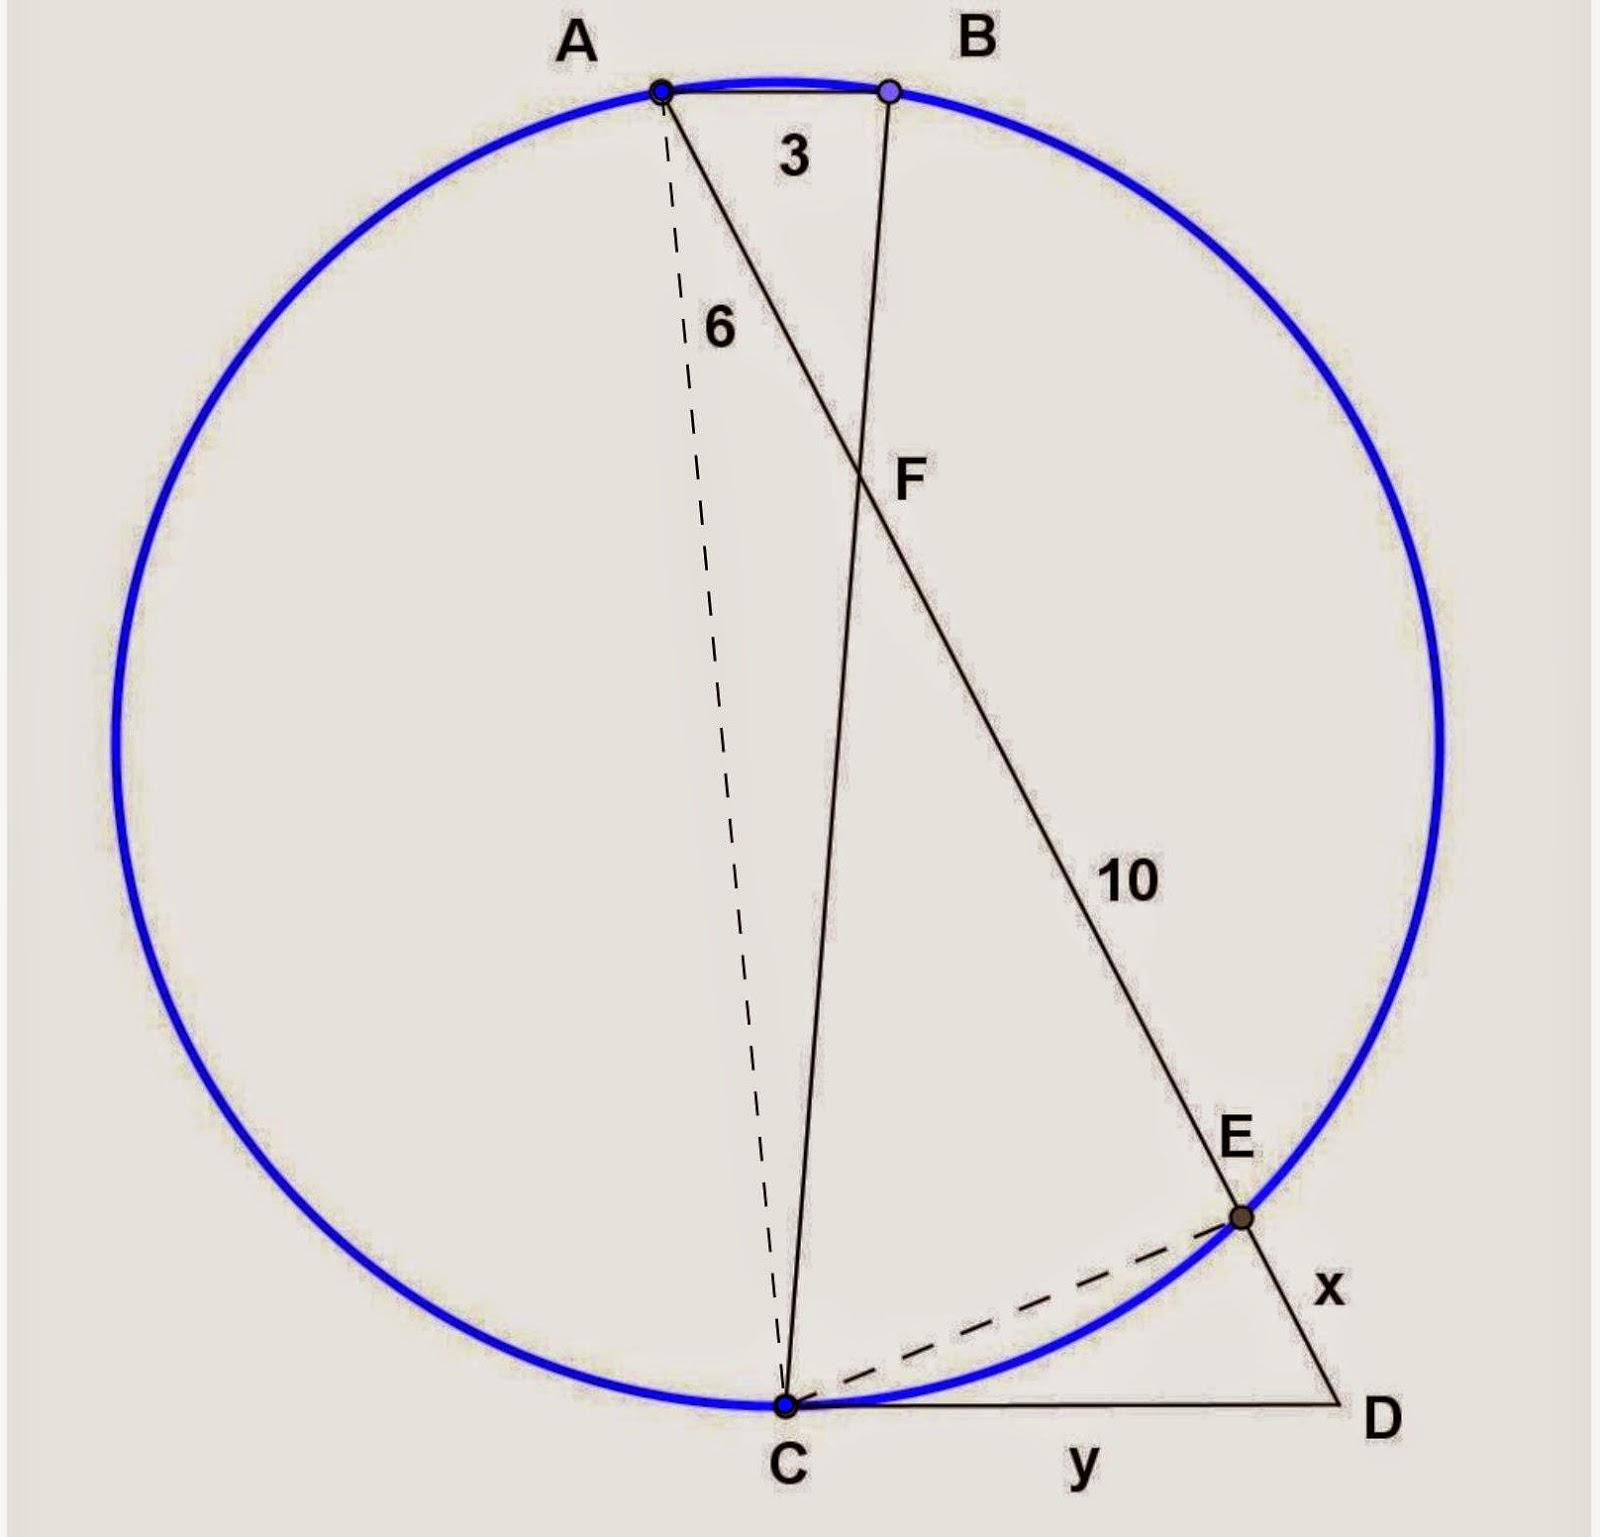 Math Principles Circle And Secant Segment Problems 7